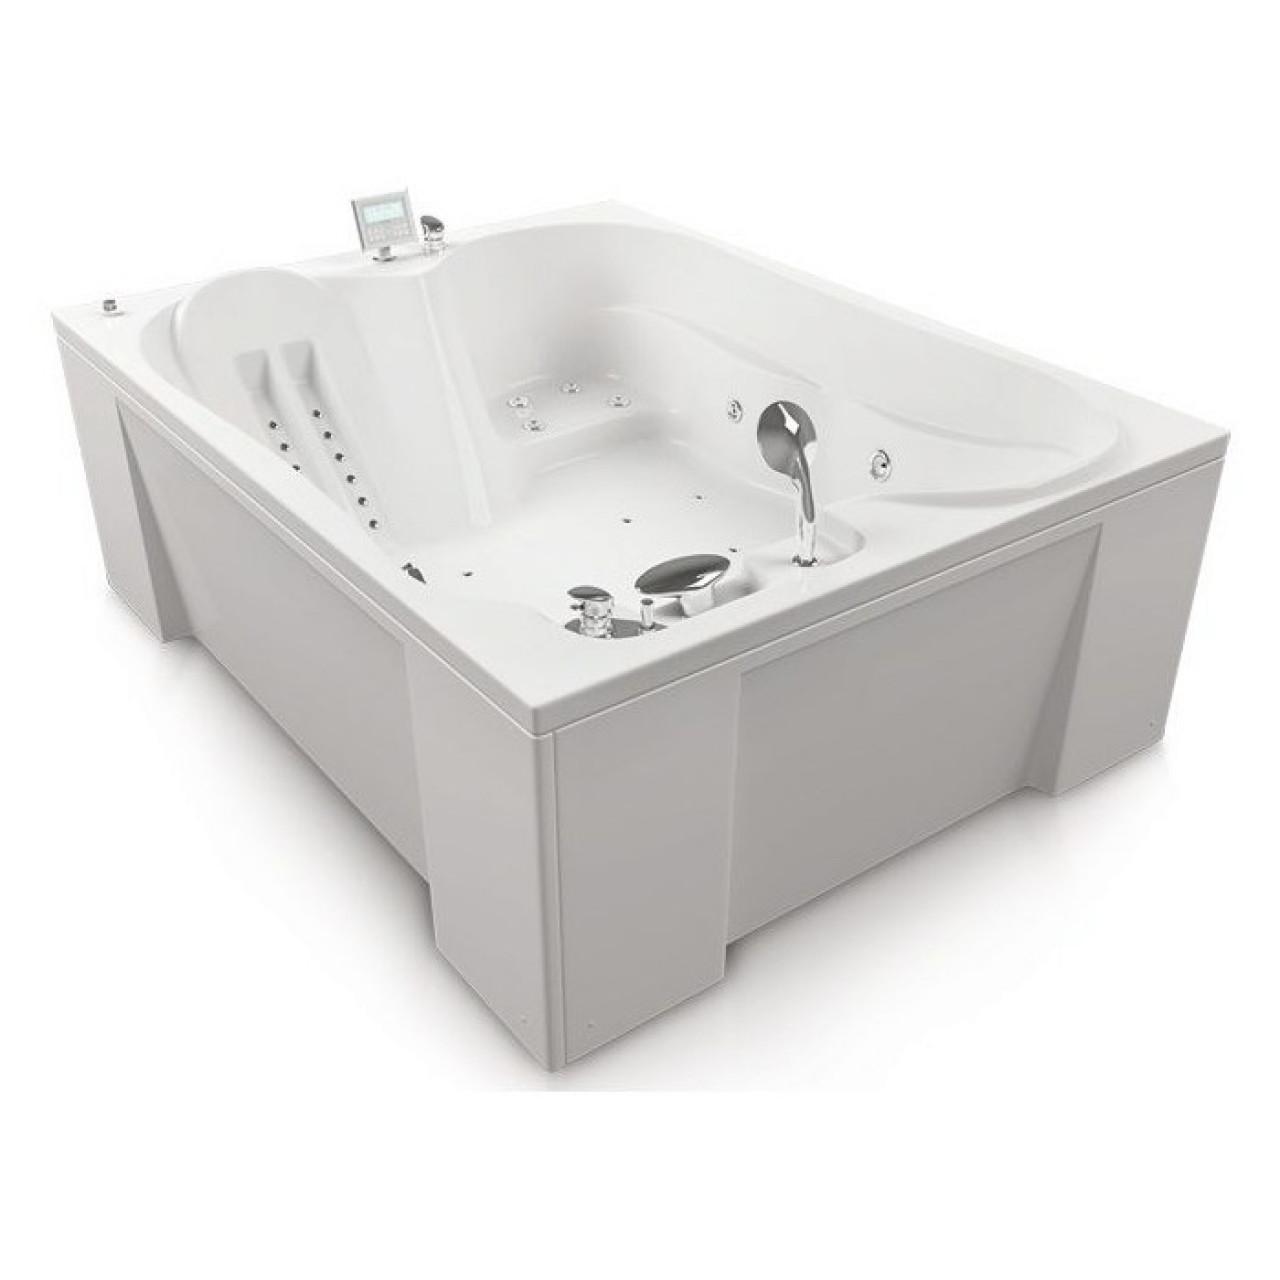 Акриловая ванна Акватика Токио Standart 190х150х67 купить в Москве по цене от 55529р. в интернет-магазине mebel-v-vannu.ru